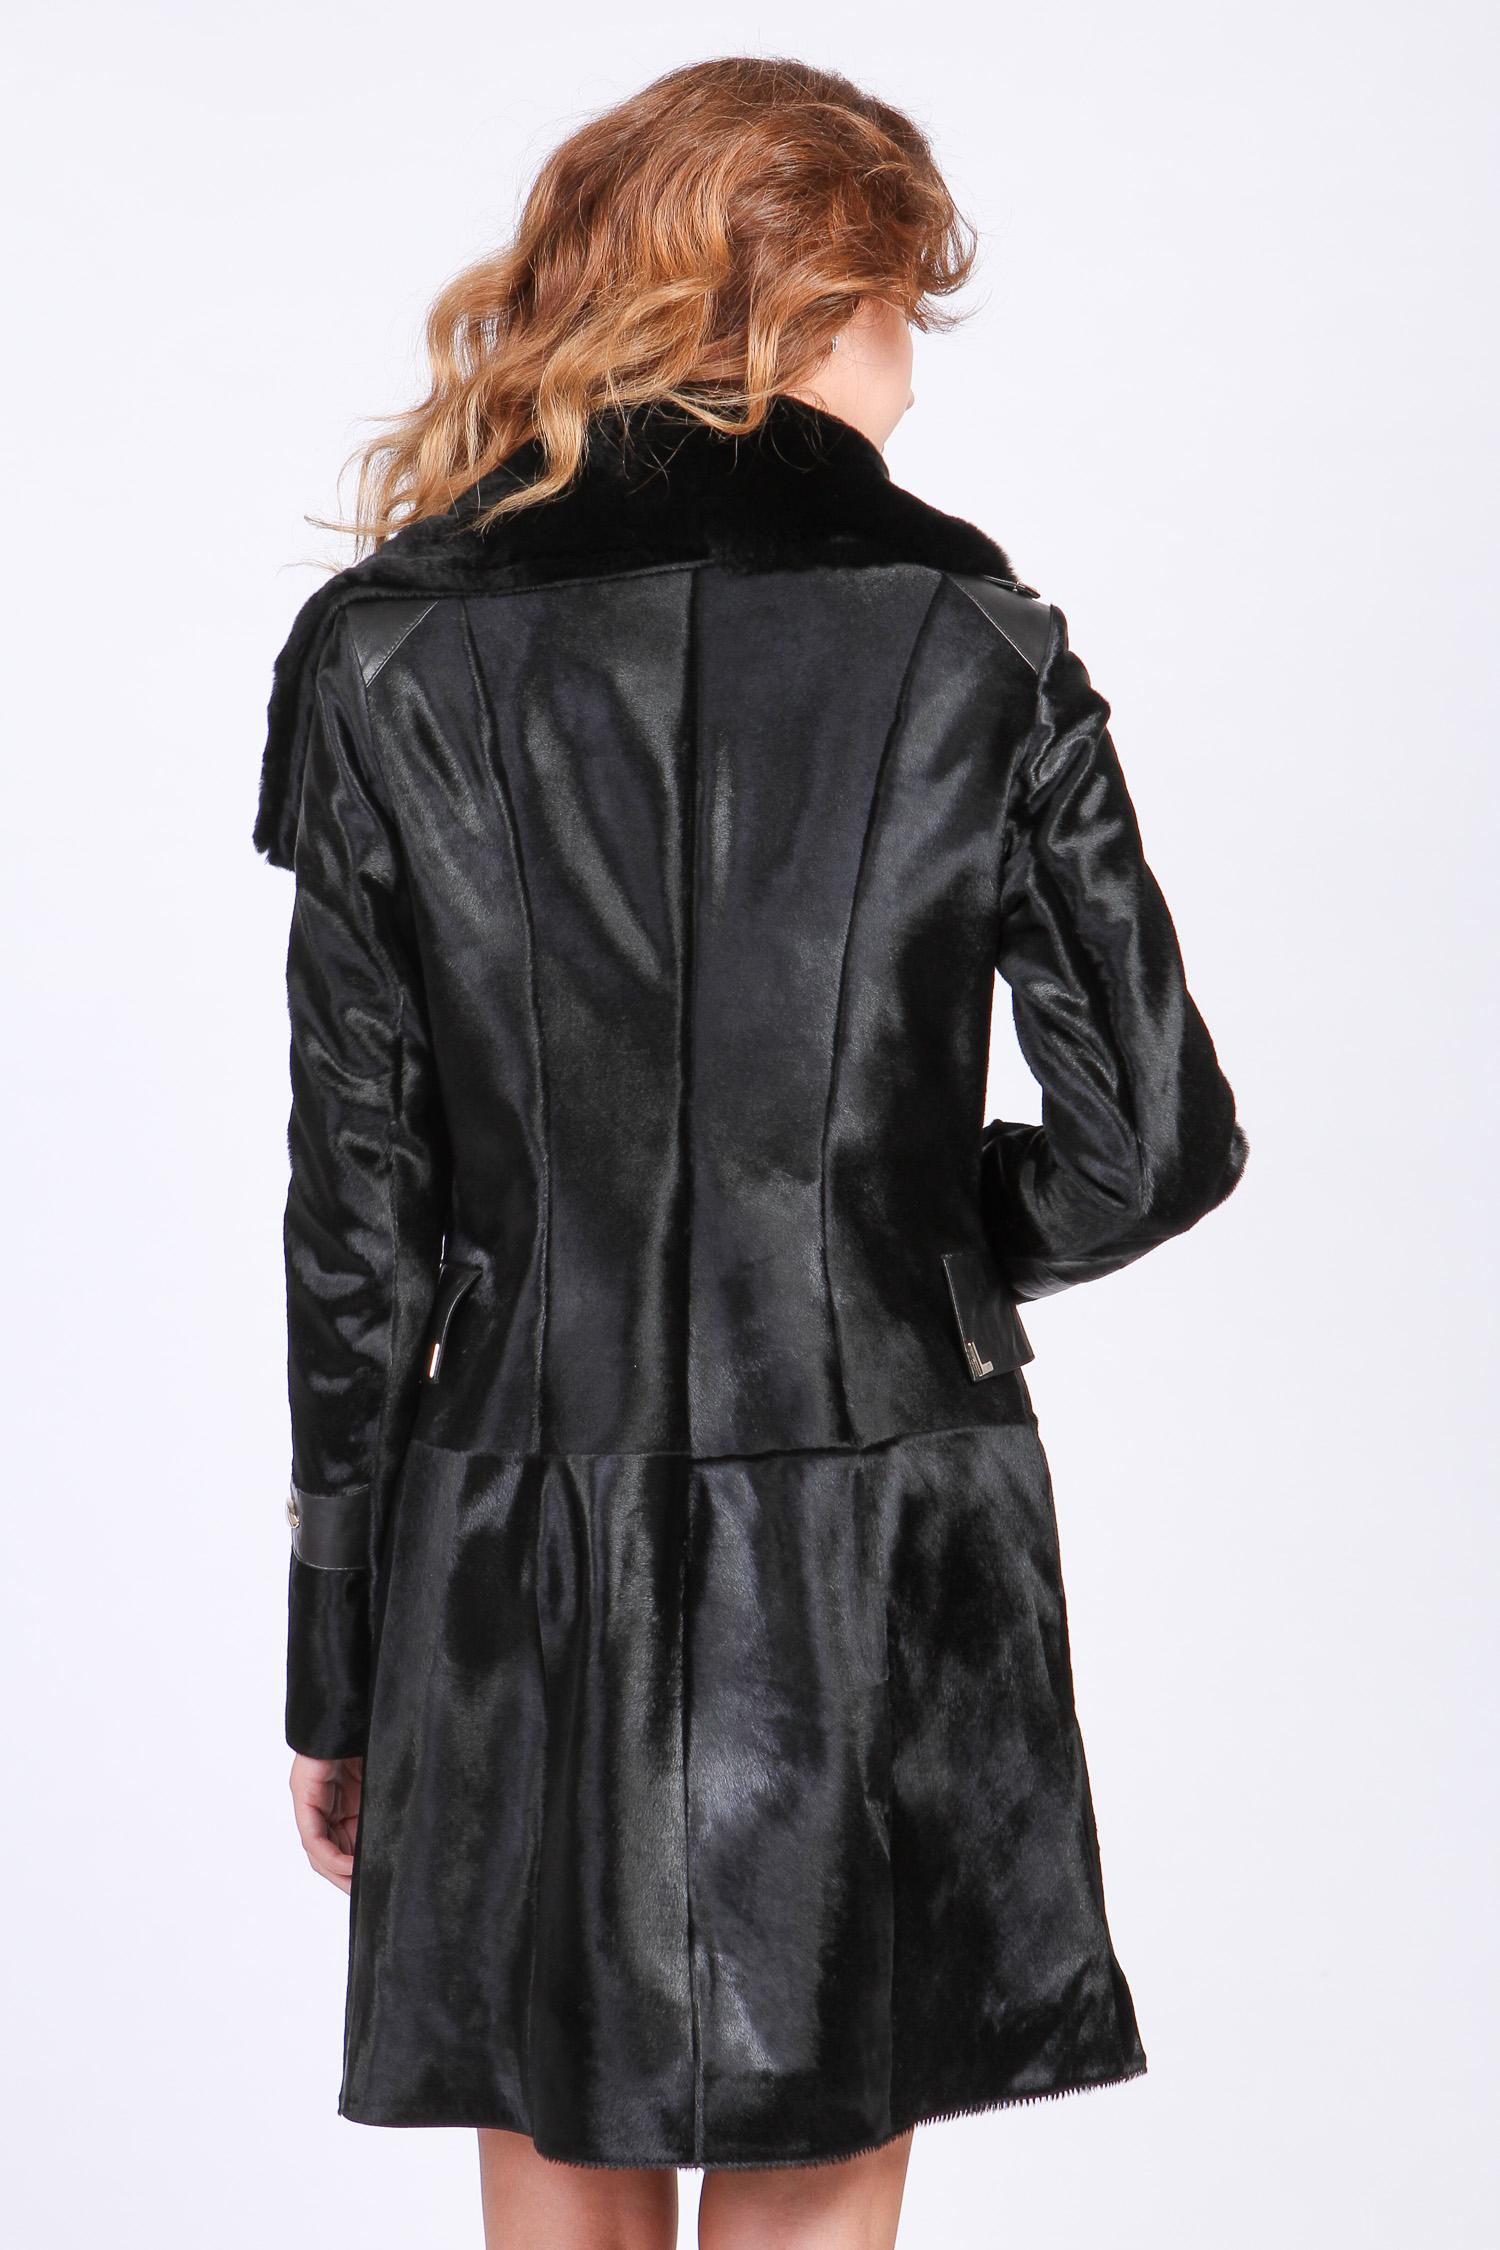 Женское кожаное пальто из натуральной кожи с воротником, отделка кролик